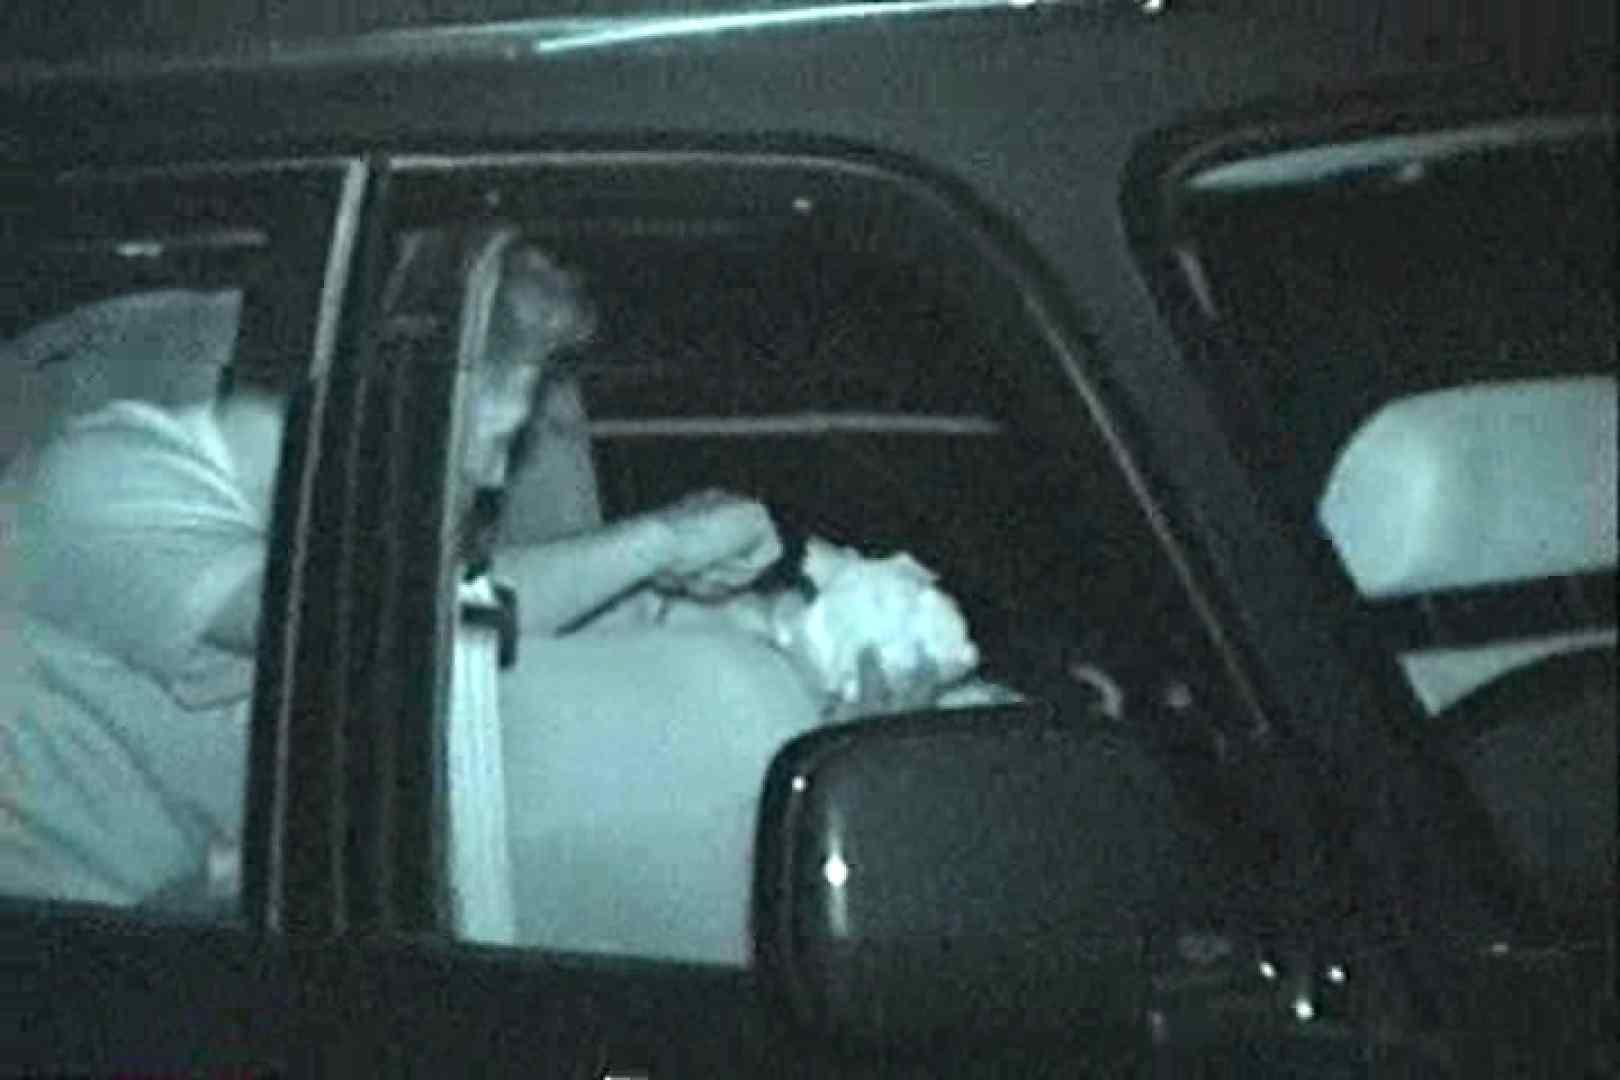 車の中はラブホテル 無修正版  Vol.28 セックス AV動画キャプチャ 99pic 60